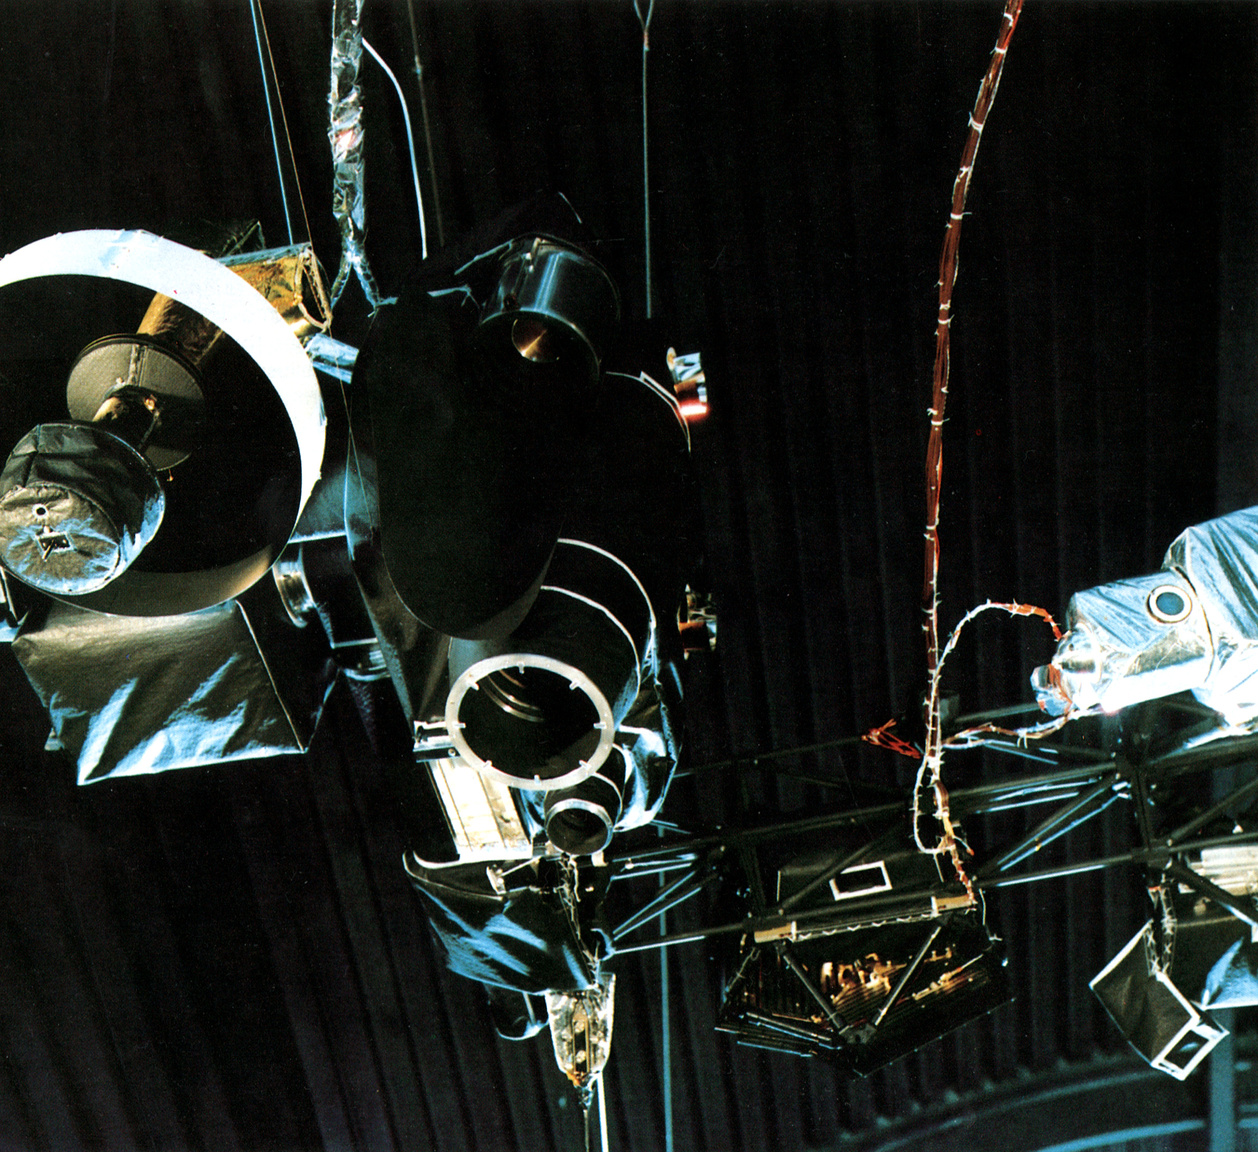 A Voyager műszereinek egy része alulnézetből. Jól láthatóak a TV-kamerák, az ulraibolya és az infravörös spektrométerek (bal szélen), a plazmadetektor (a fekete doboz jobbra alul), a részecske- és sugárzásdetektorok (jobb szélen).